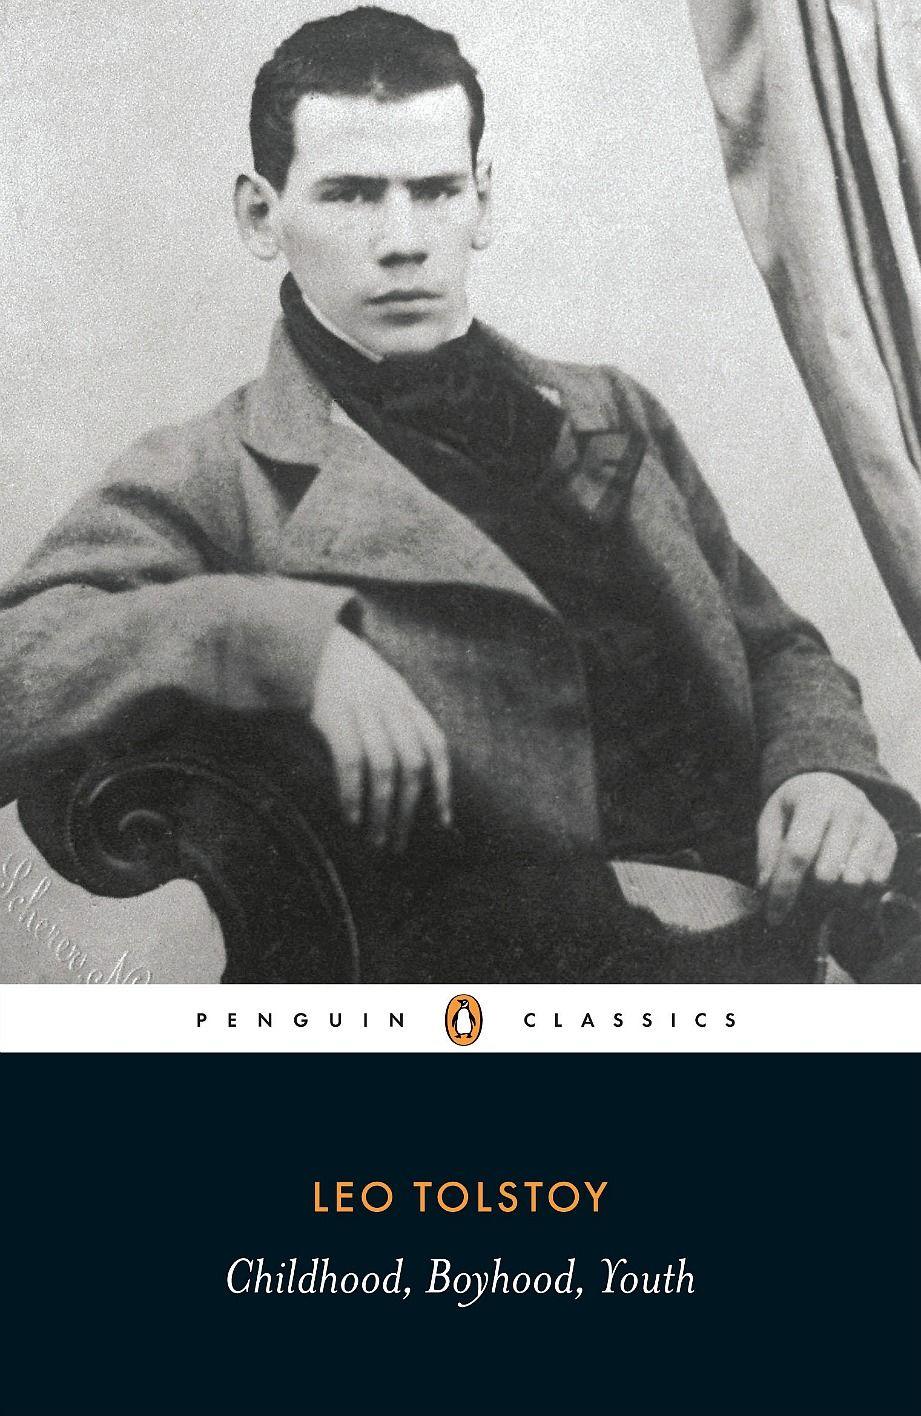 penguin book covers - Неспящие в Торонто Писатель  Лев  Толстой.